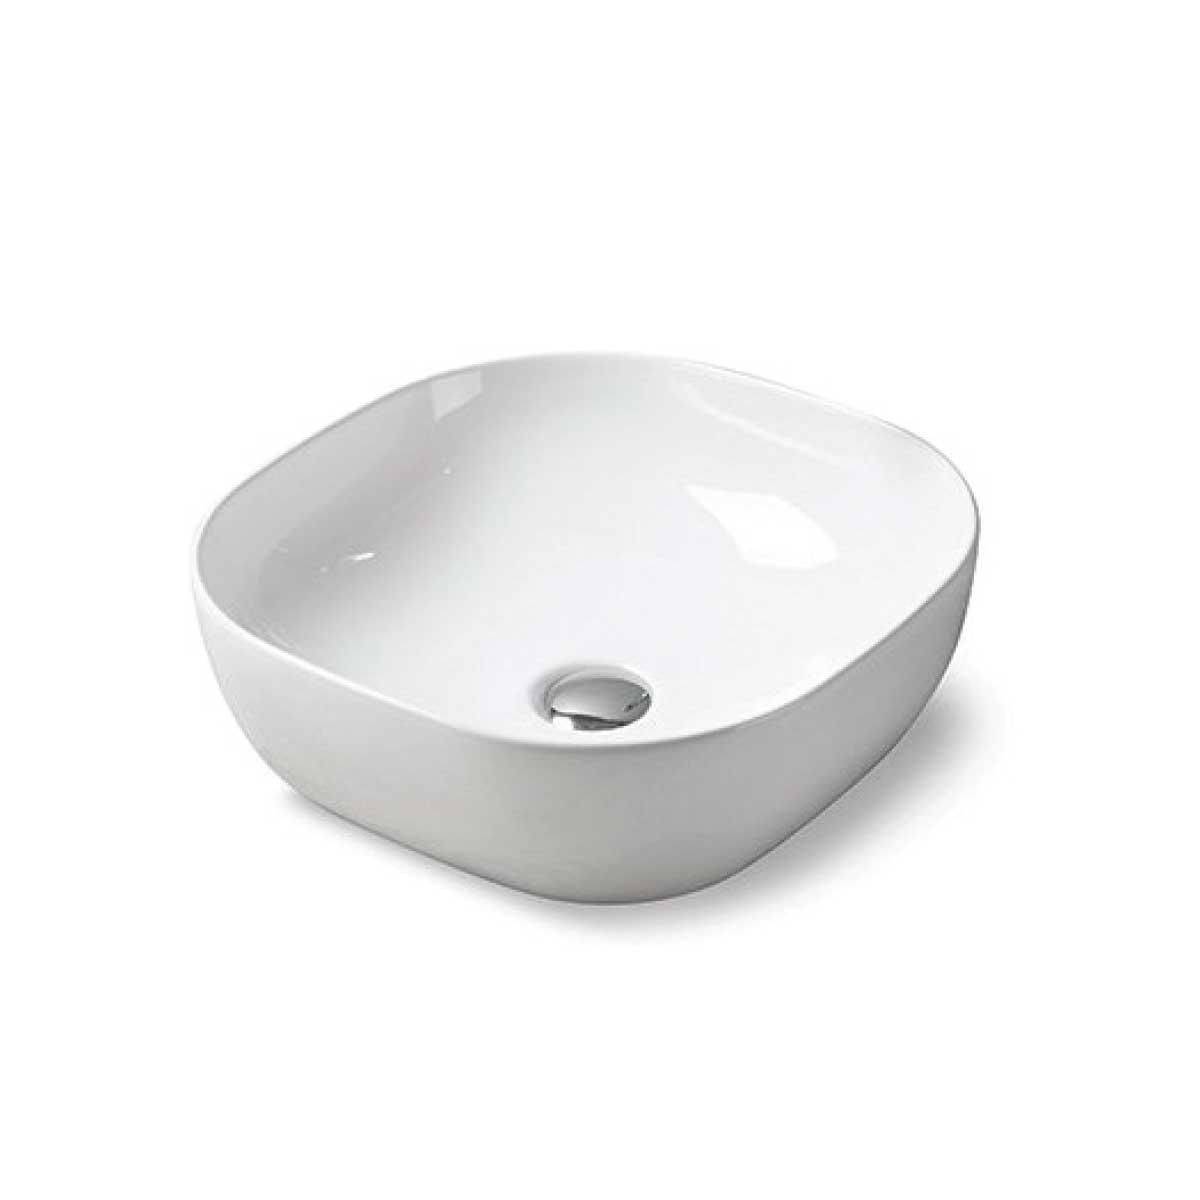 Раковина керамическая Vincea VBS-103, 420*420*140, накладная, цвет белый